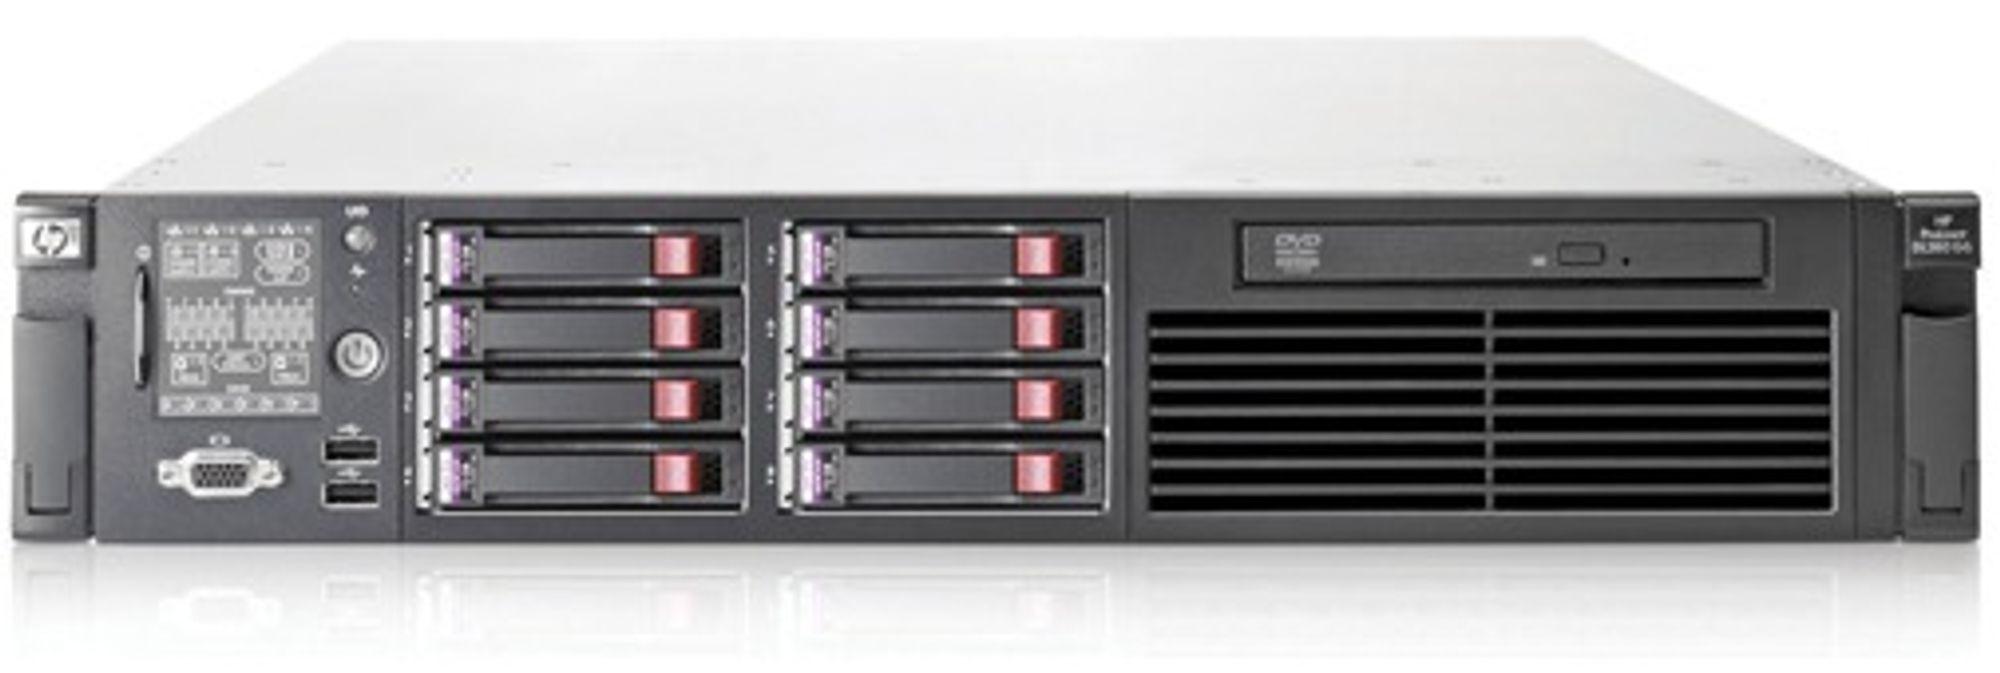 HP Proliant DL380 har plass til åtte disker. Valgmulighetene er SAS, SATA eller SSD.